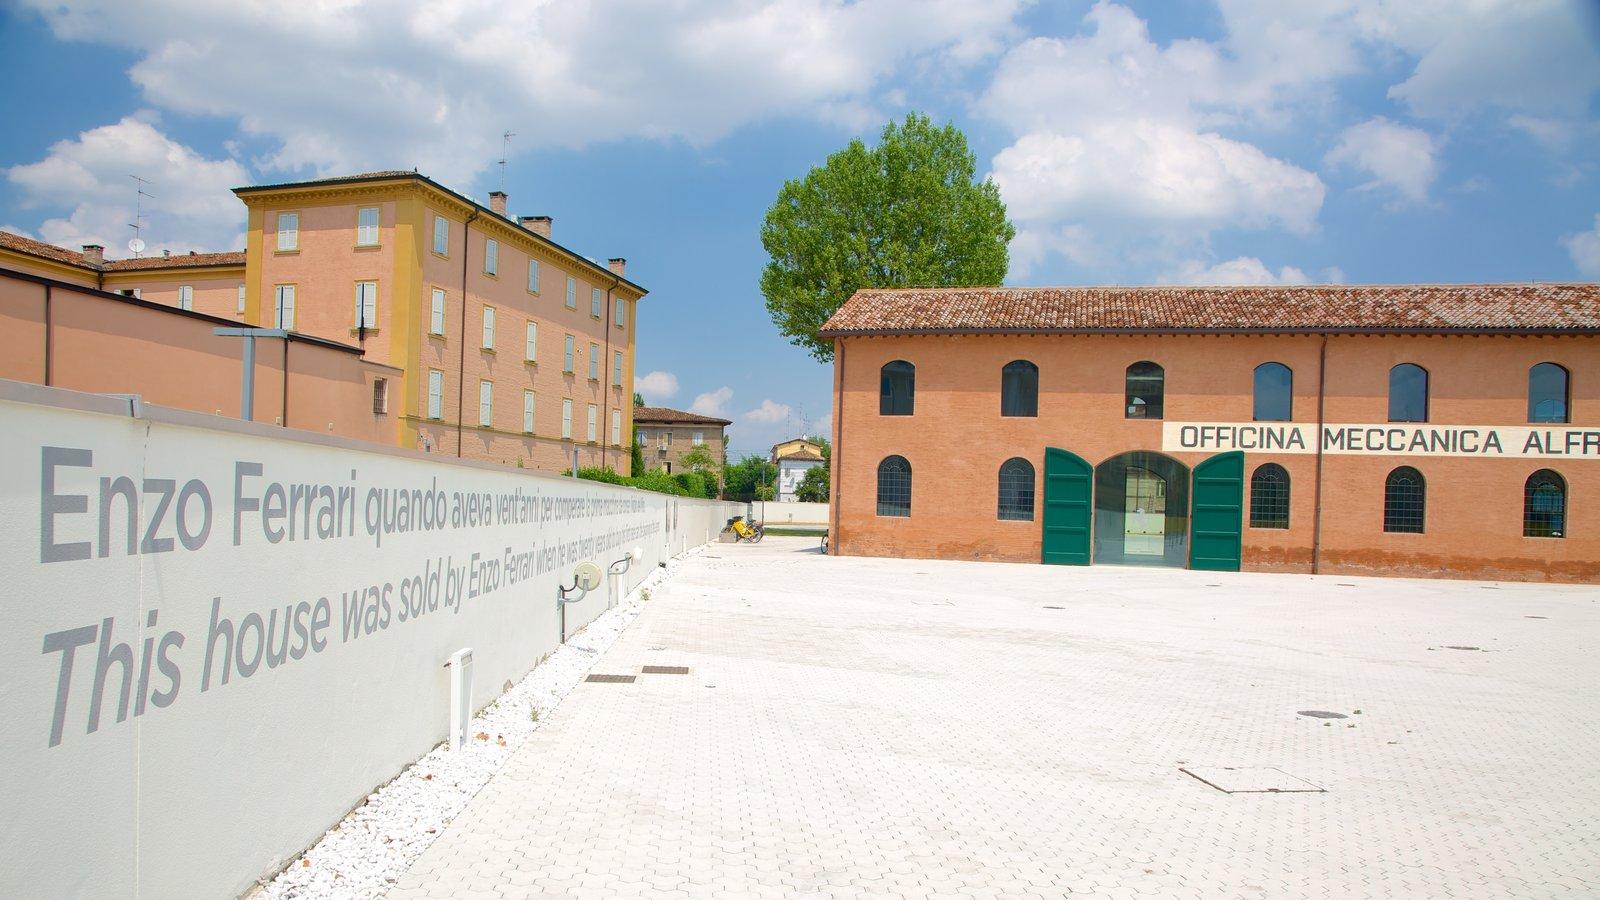 Museo Casa Enzo Ferrari which includes a square or plaza